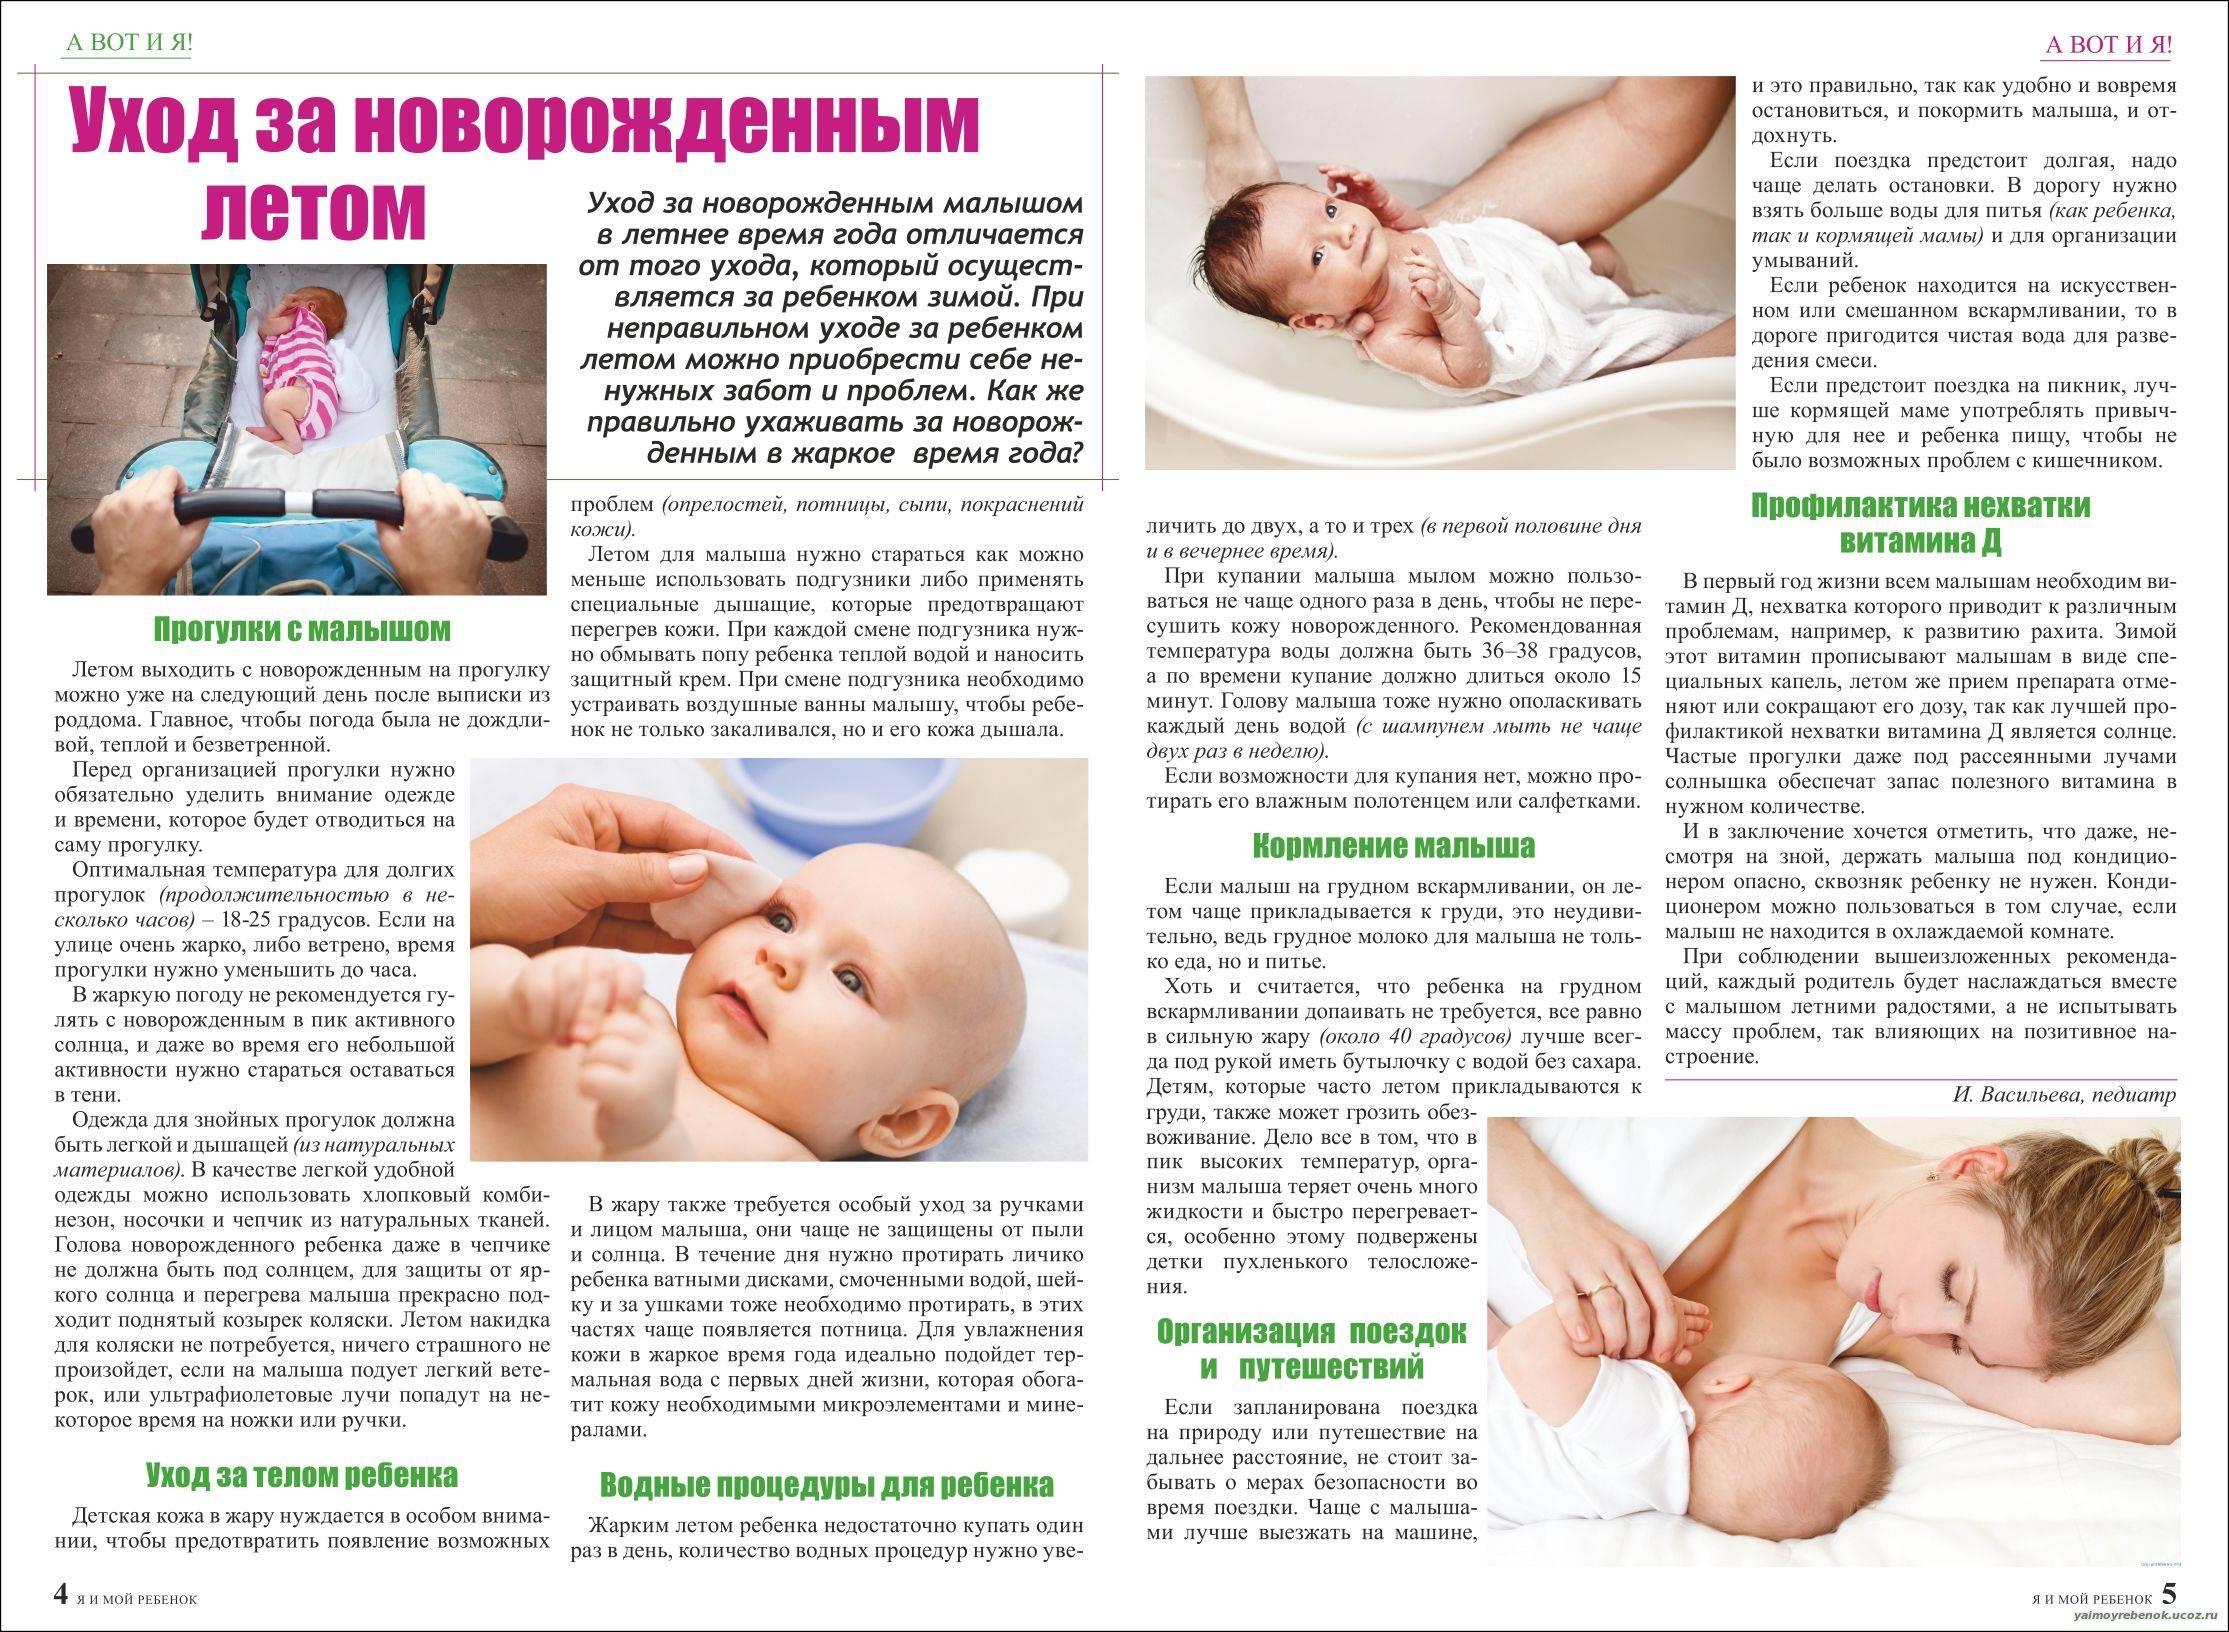 Новорождённый закатывает глазки: в каких случаях начинать беспокоиться?